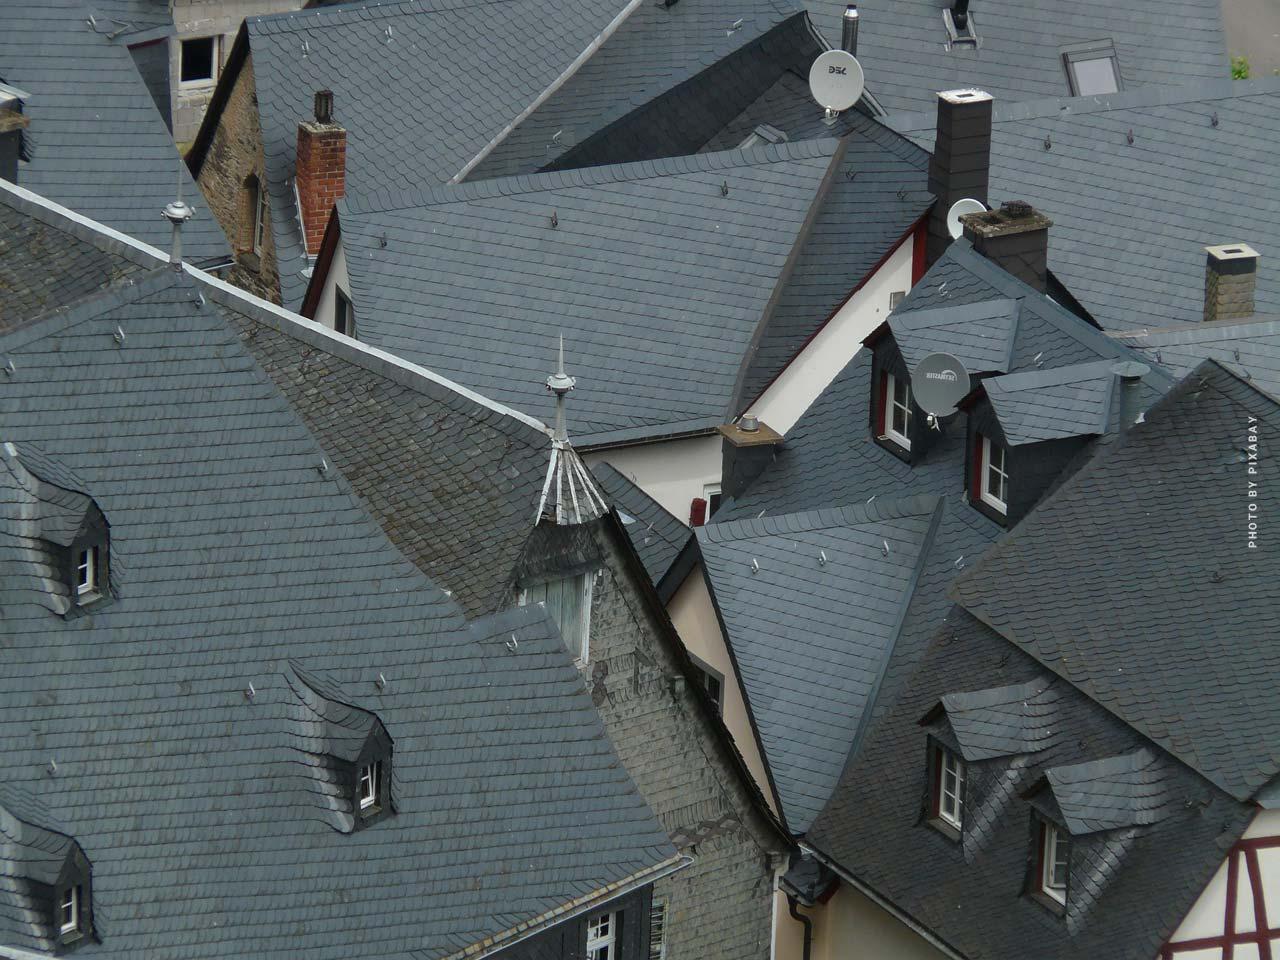 Hauskauf in Wunstorf: Mietkauf, Verkaufen, Eigentumswohnung und Privat